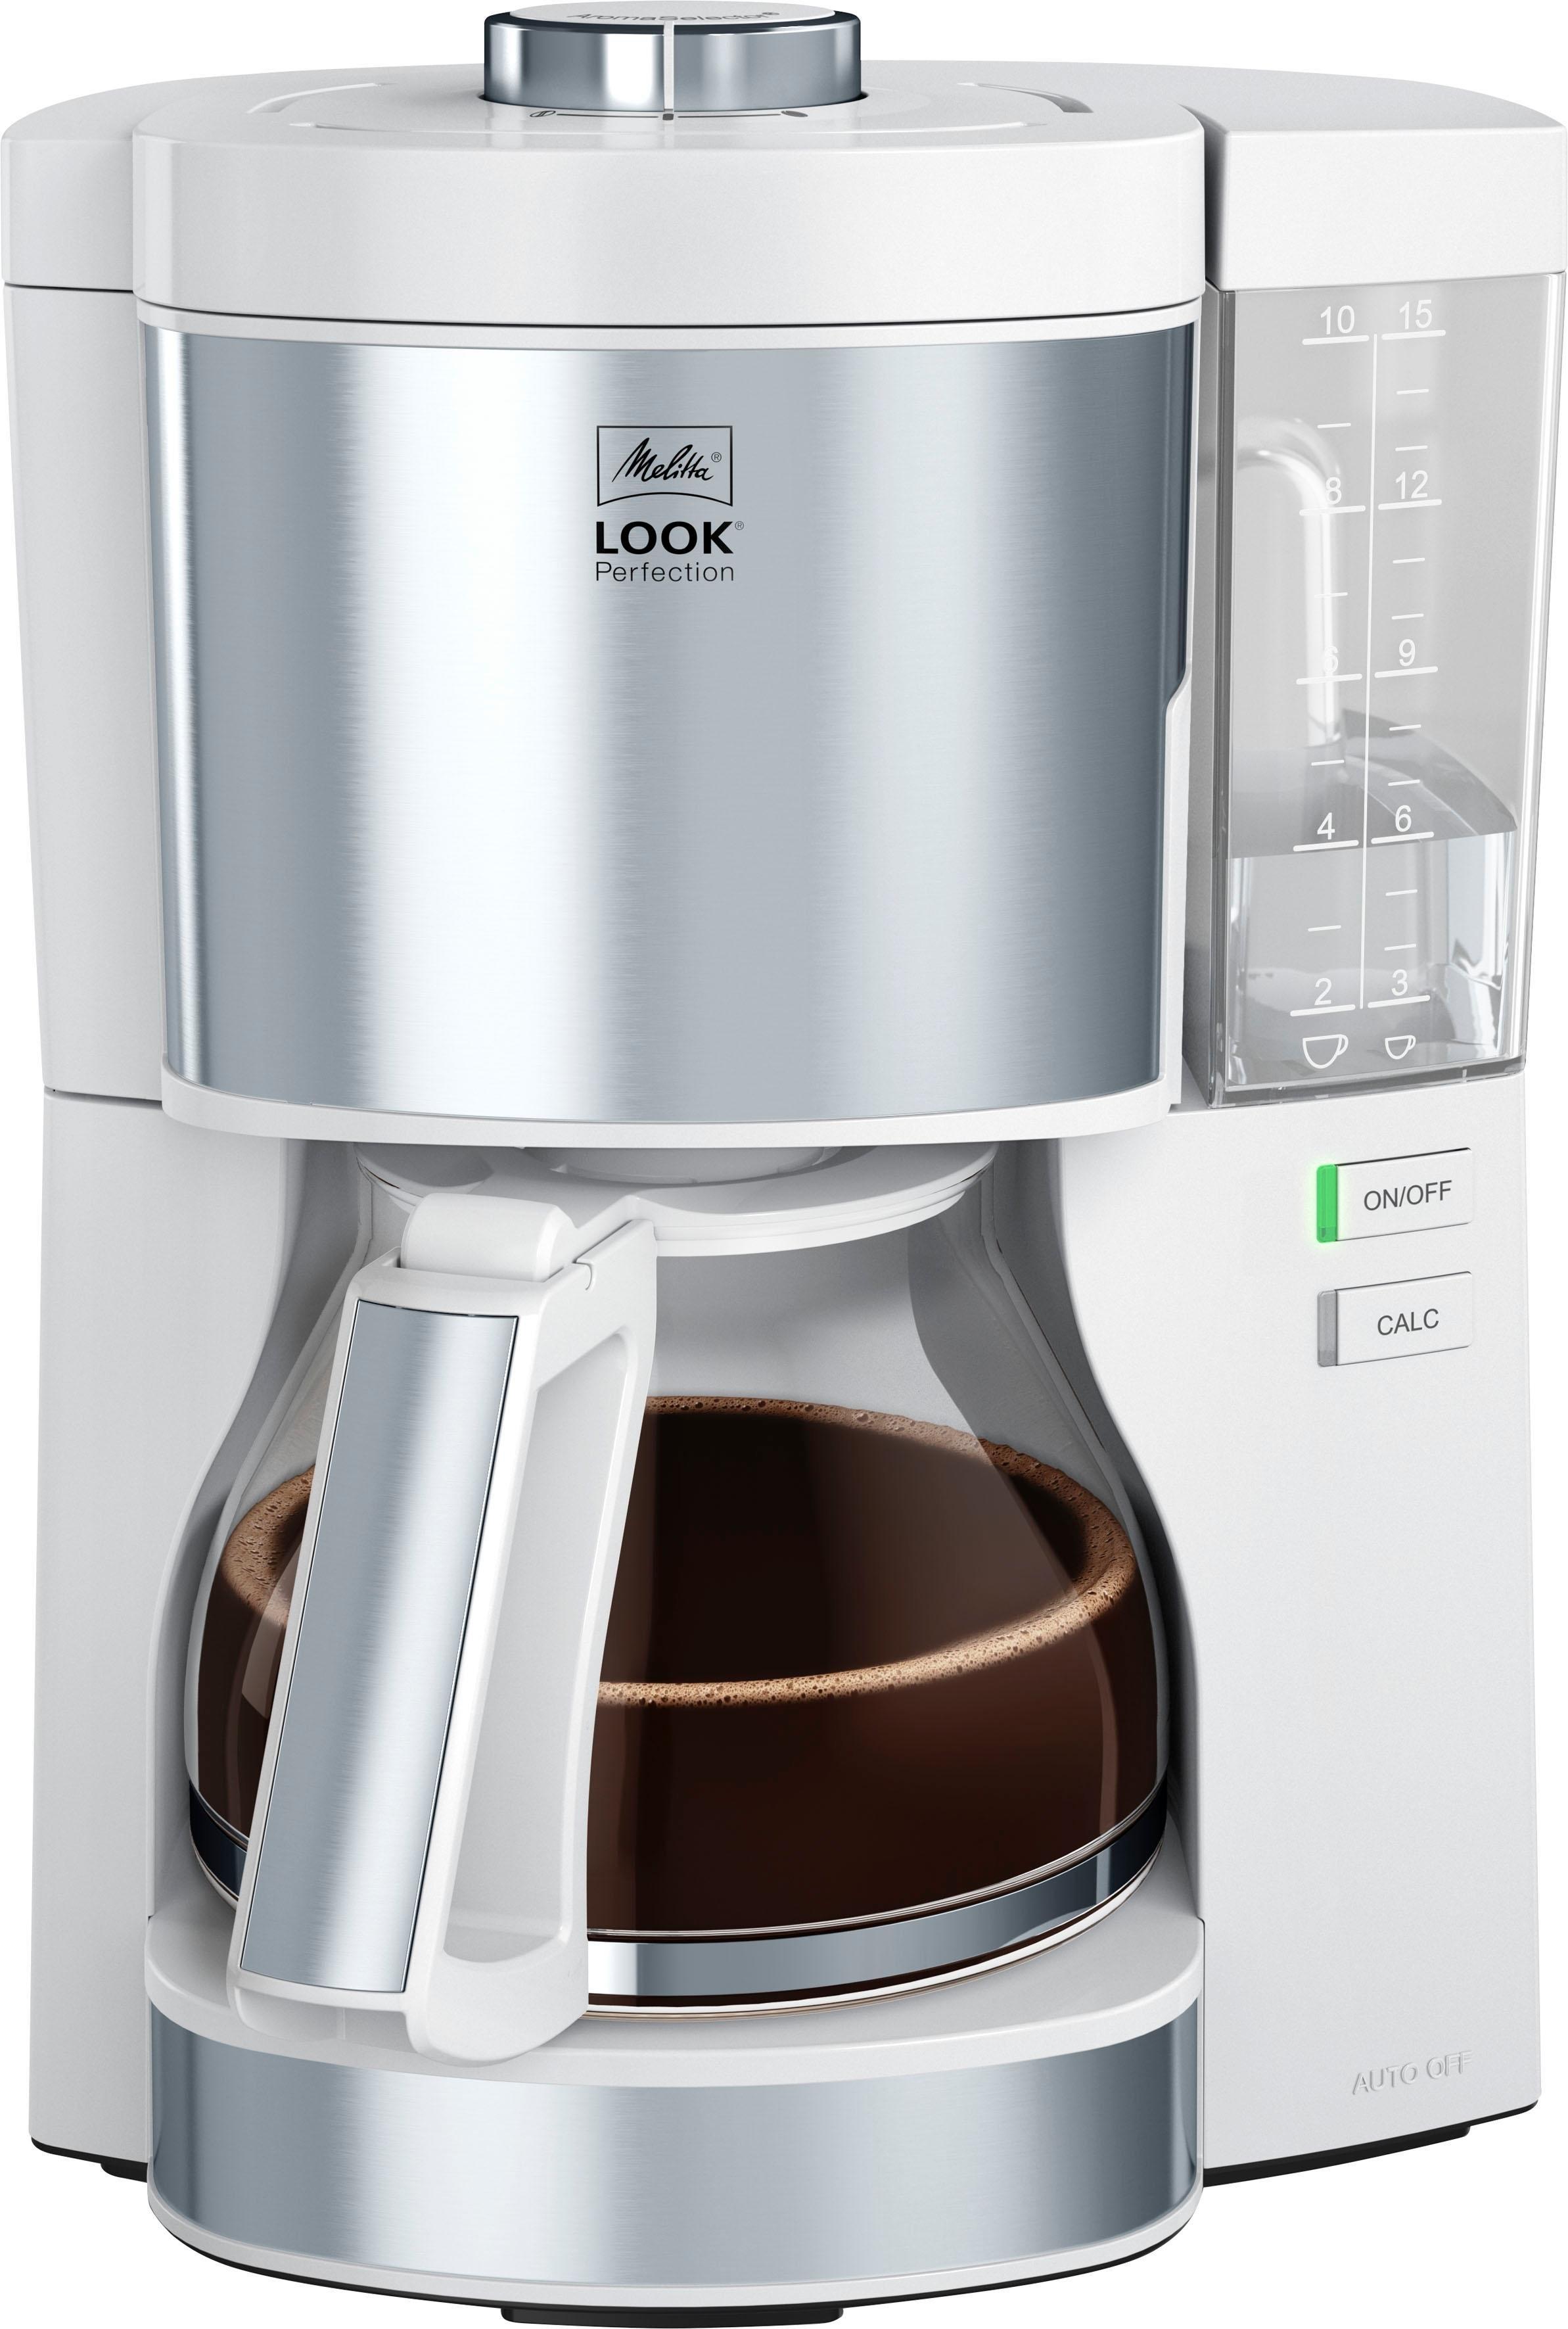 Melitta filterkoffieapparaat Look V Perfection 1025-05 wit, 1,25 l bestellen: 30 dagen bedenktijd